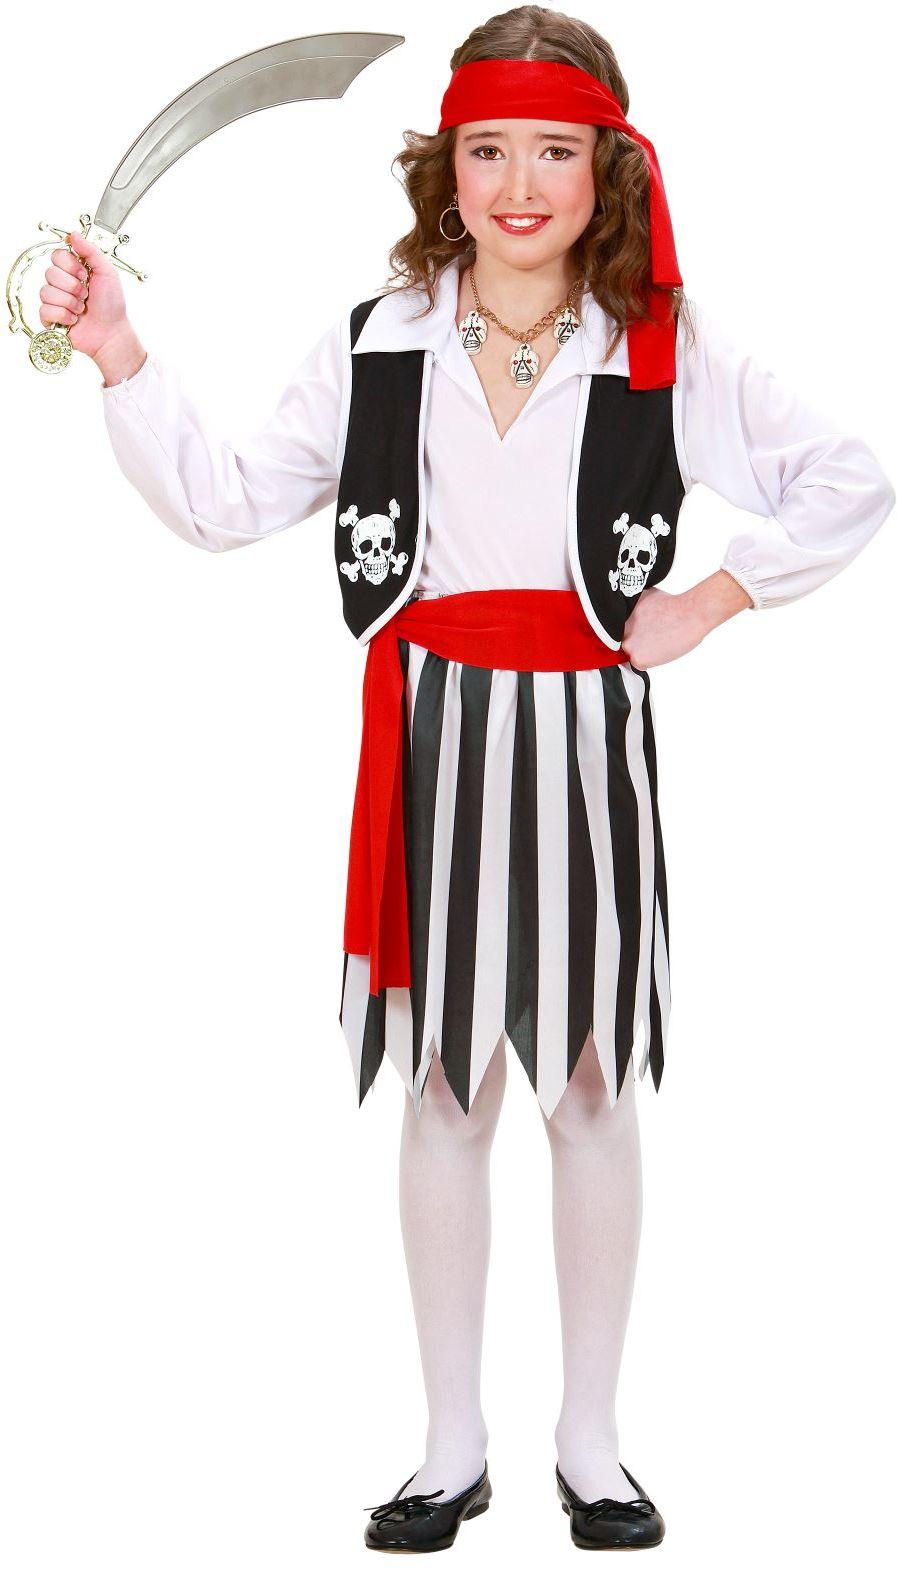 Stoere Piratenmeisje kostuum